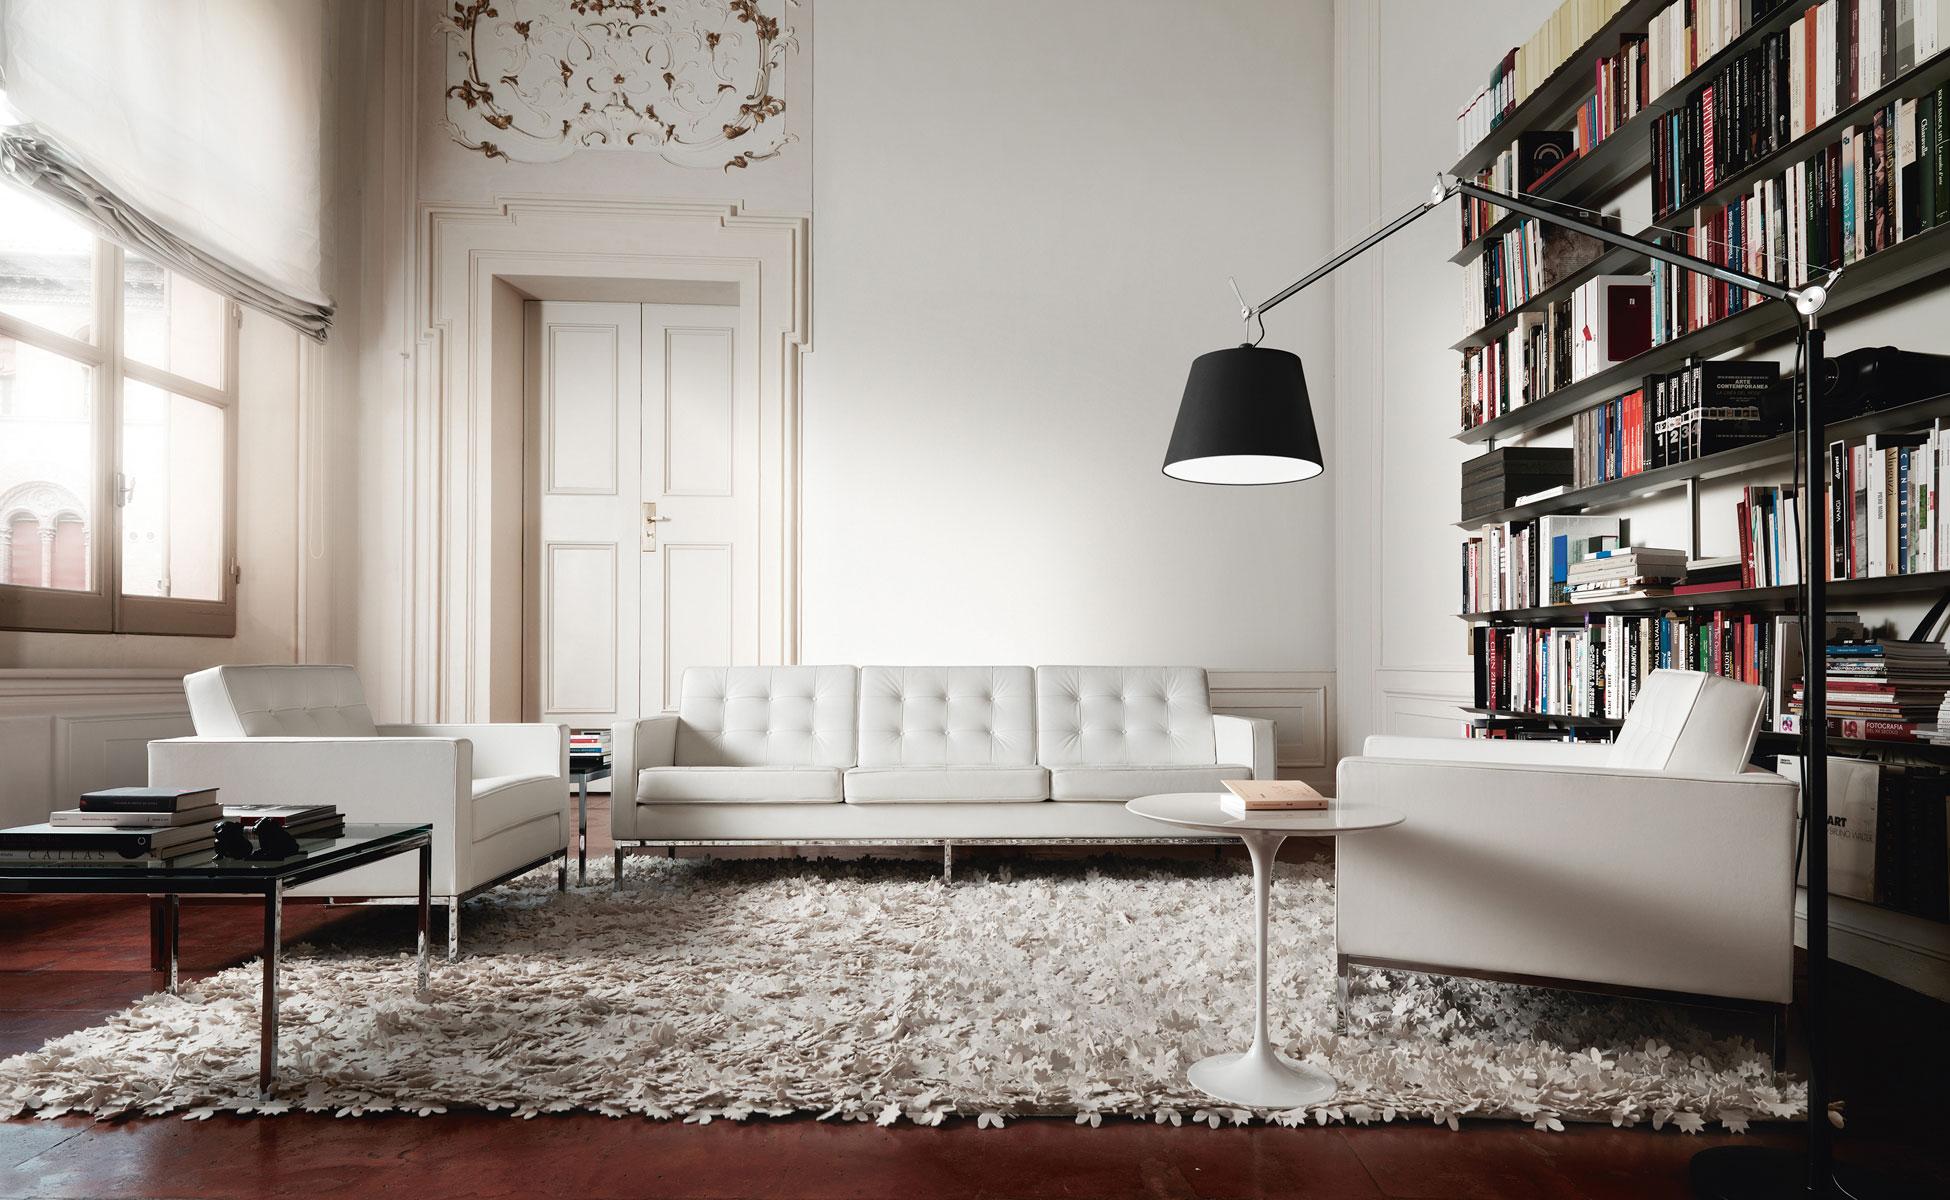 03 florence knoll sofa berlin steidten+